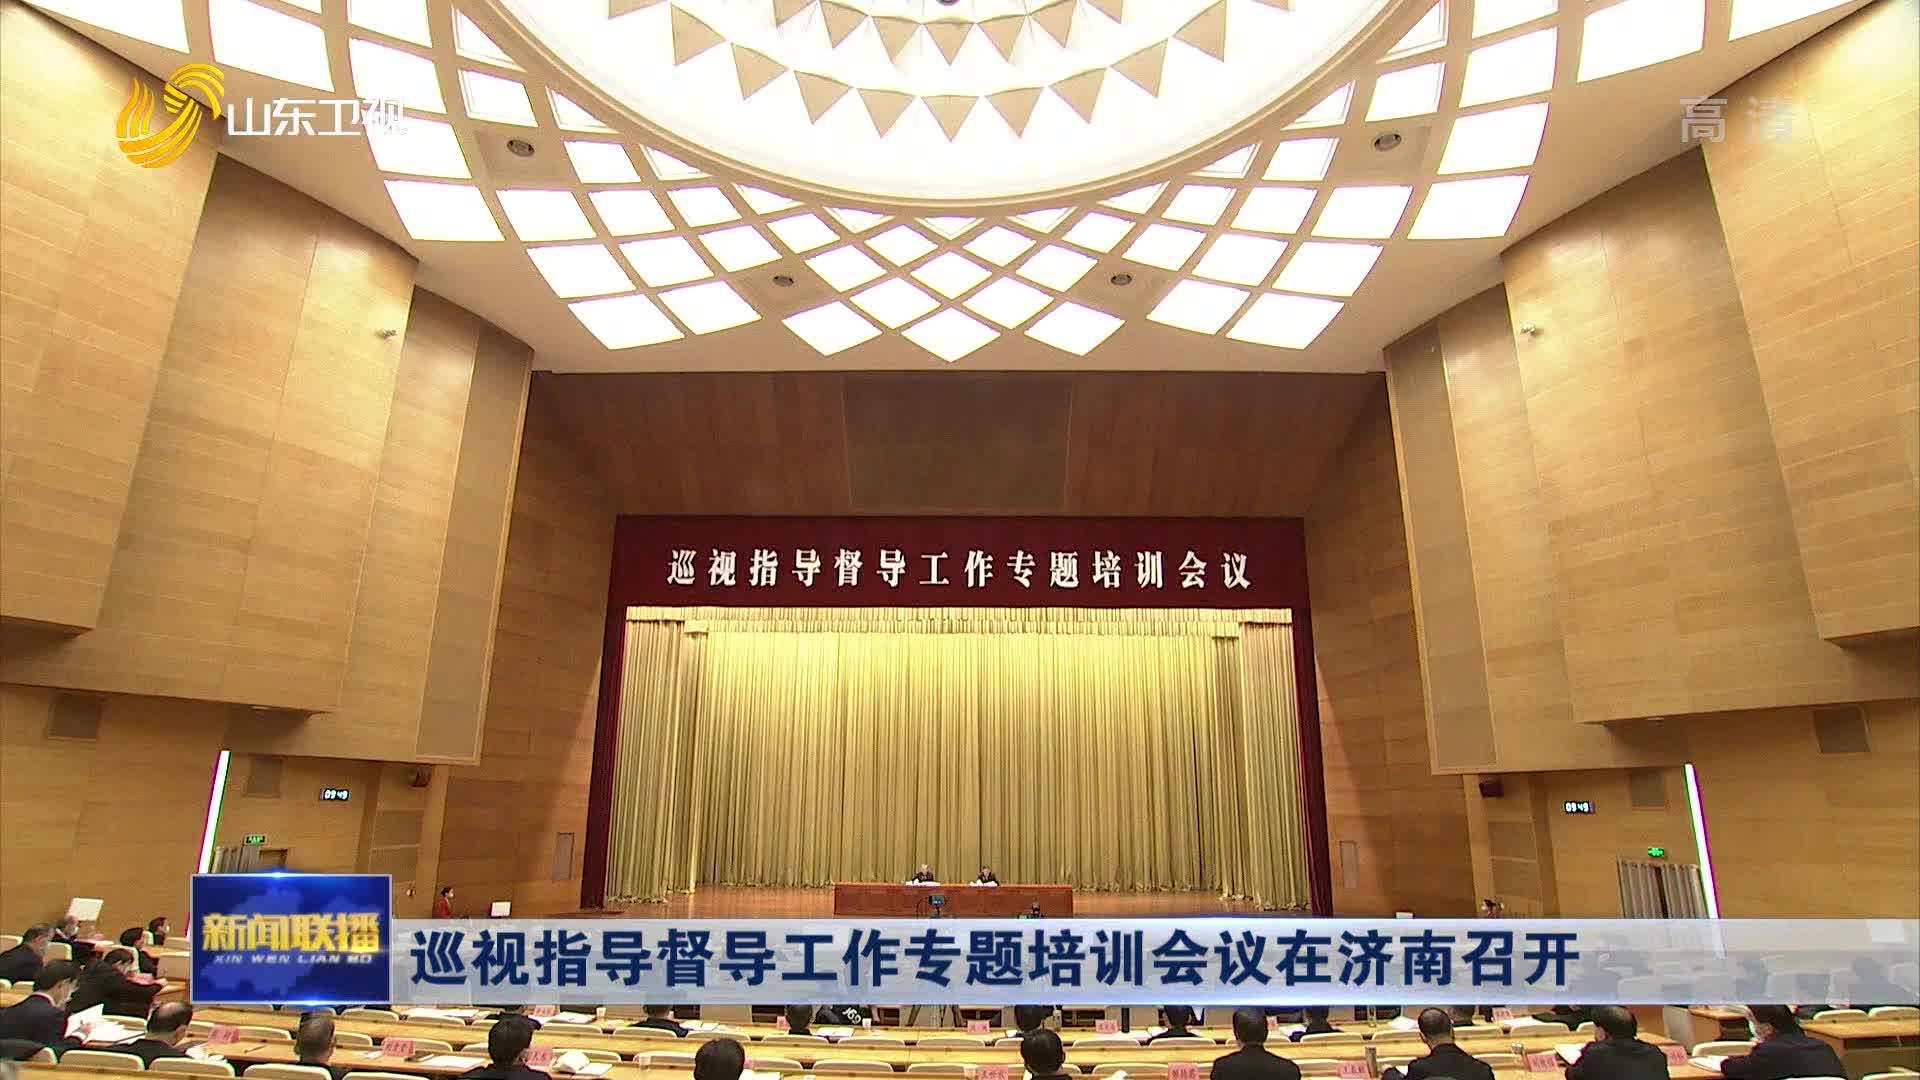 巡视指导督导工作专题培训会议在济南召开